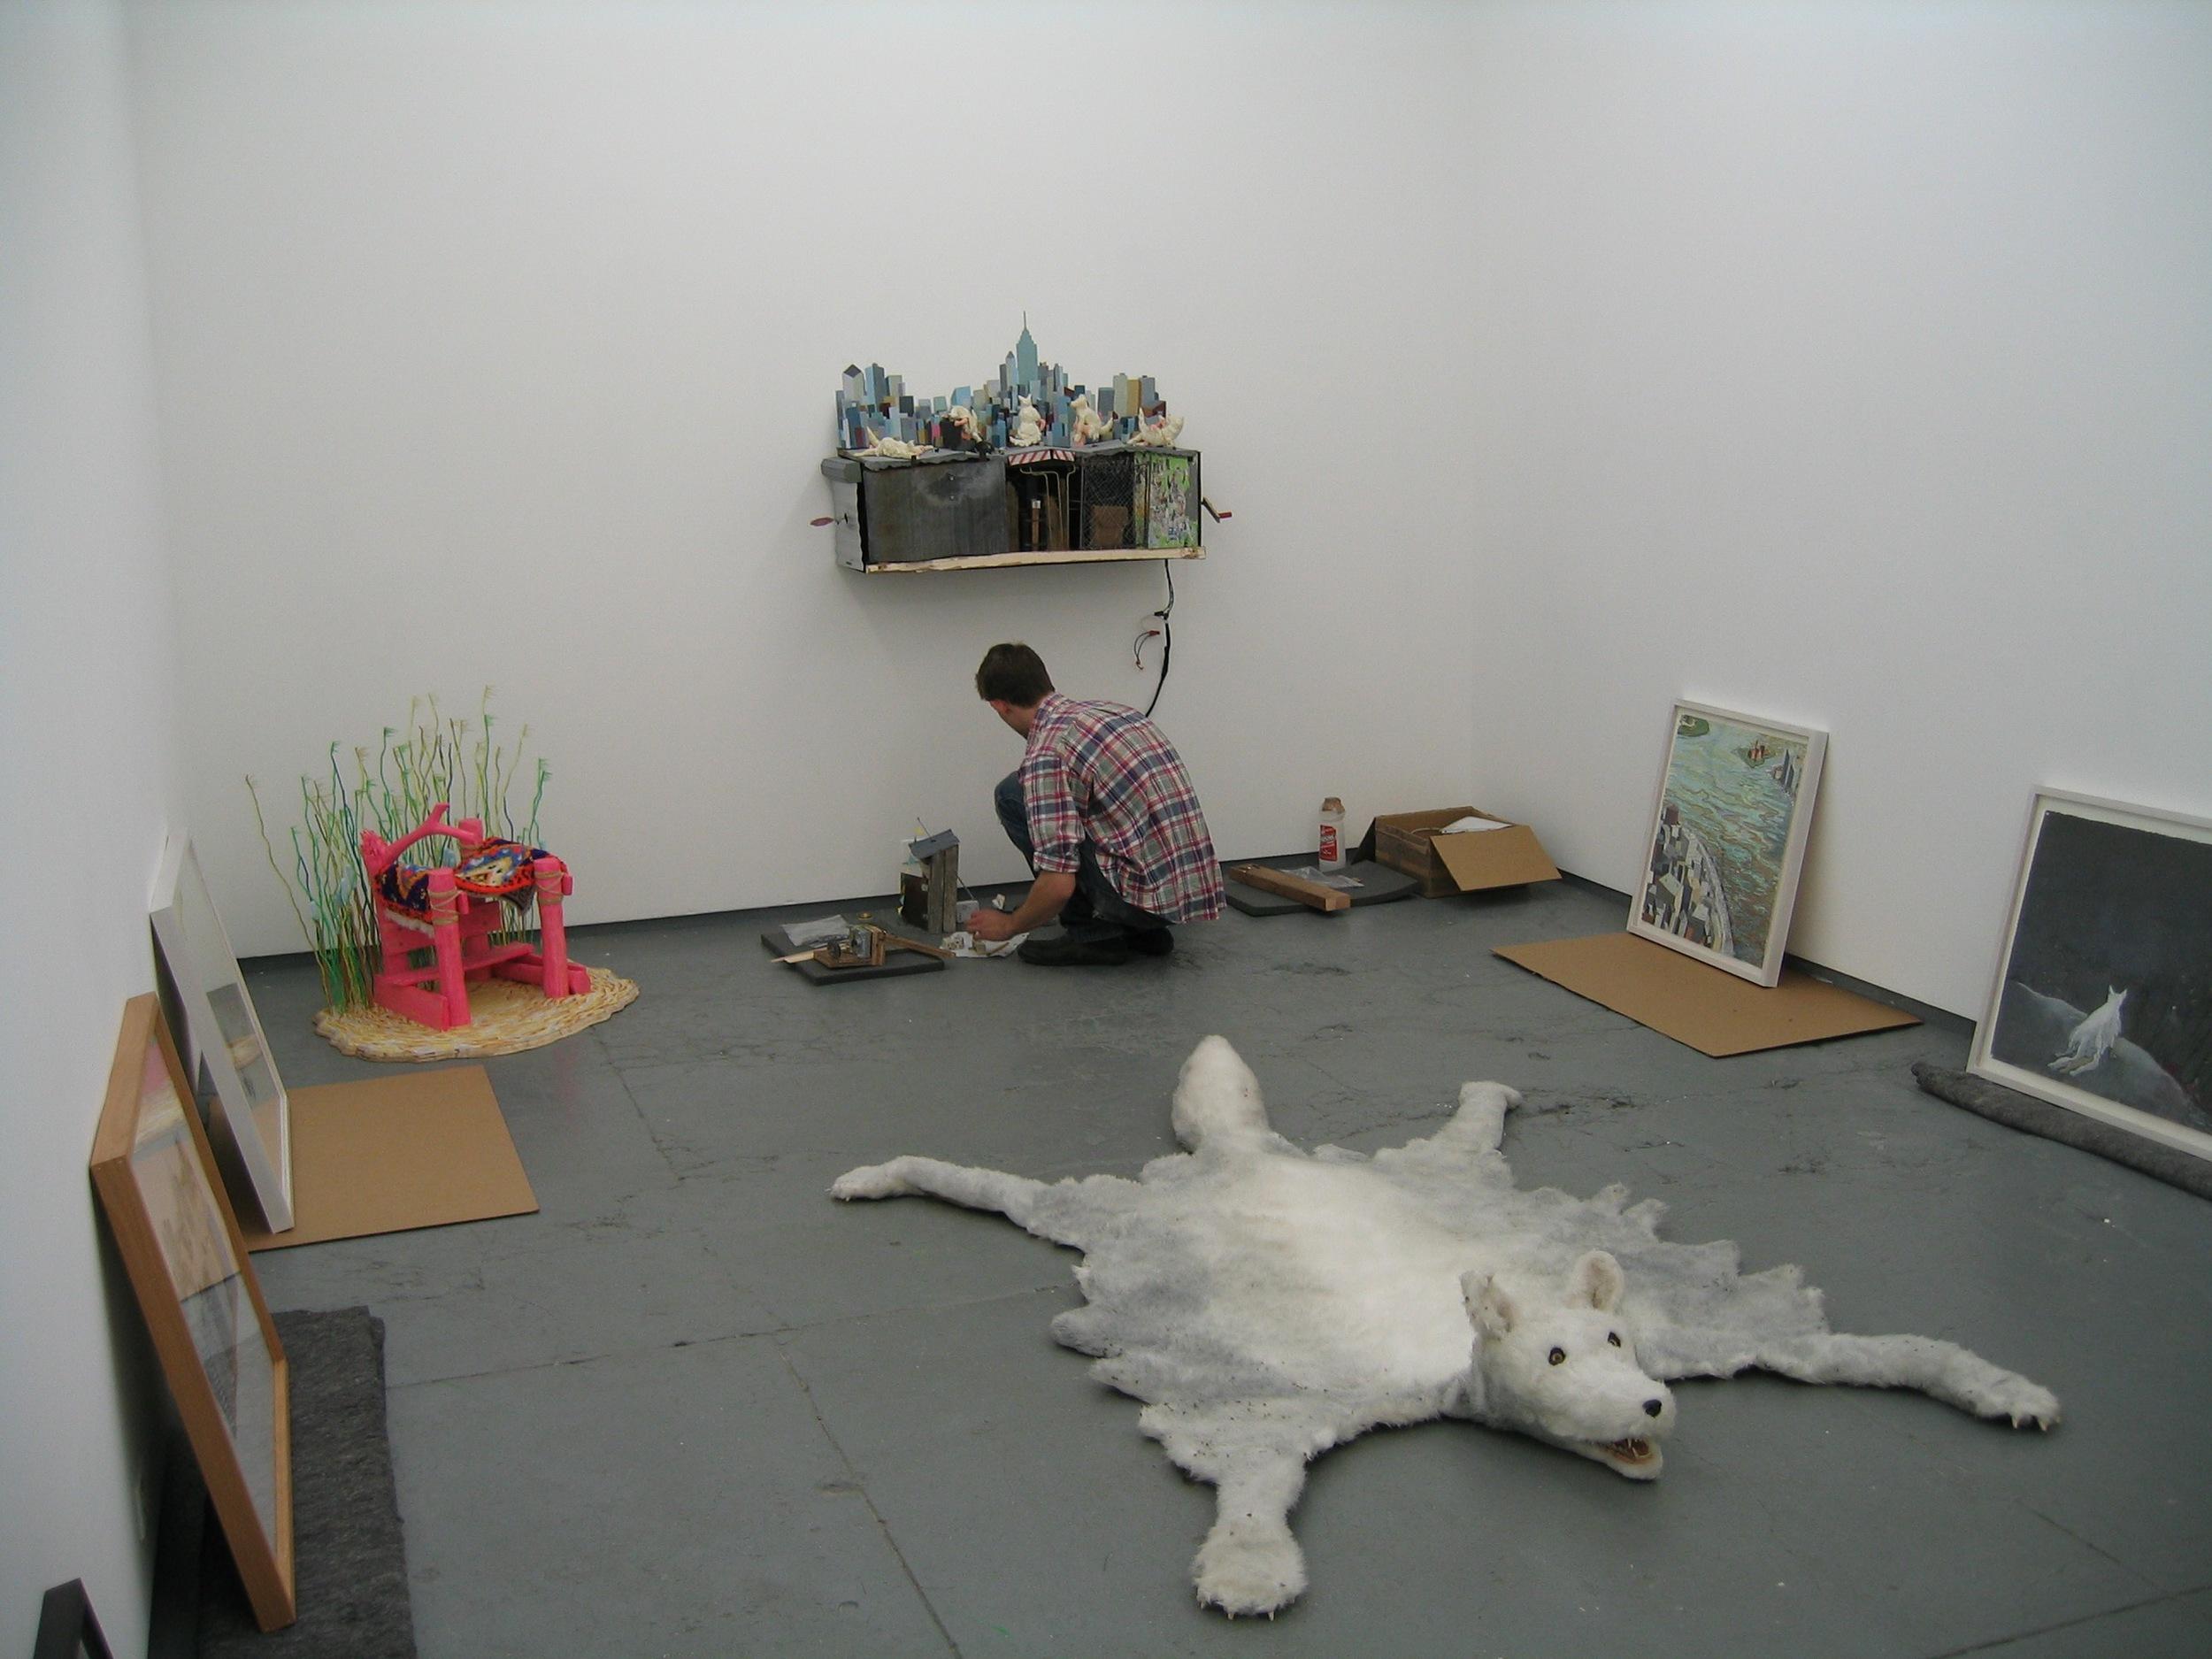 Installing work at Rare, June 2004